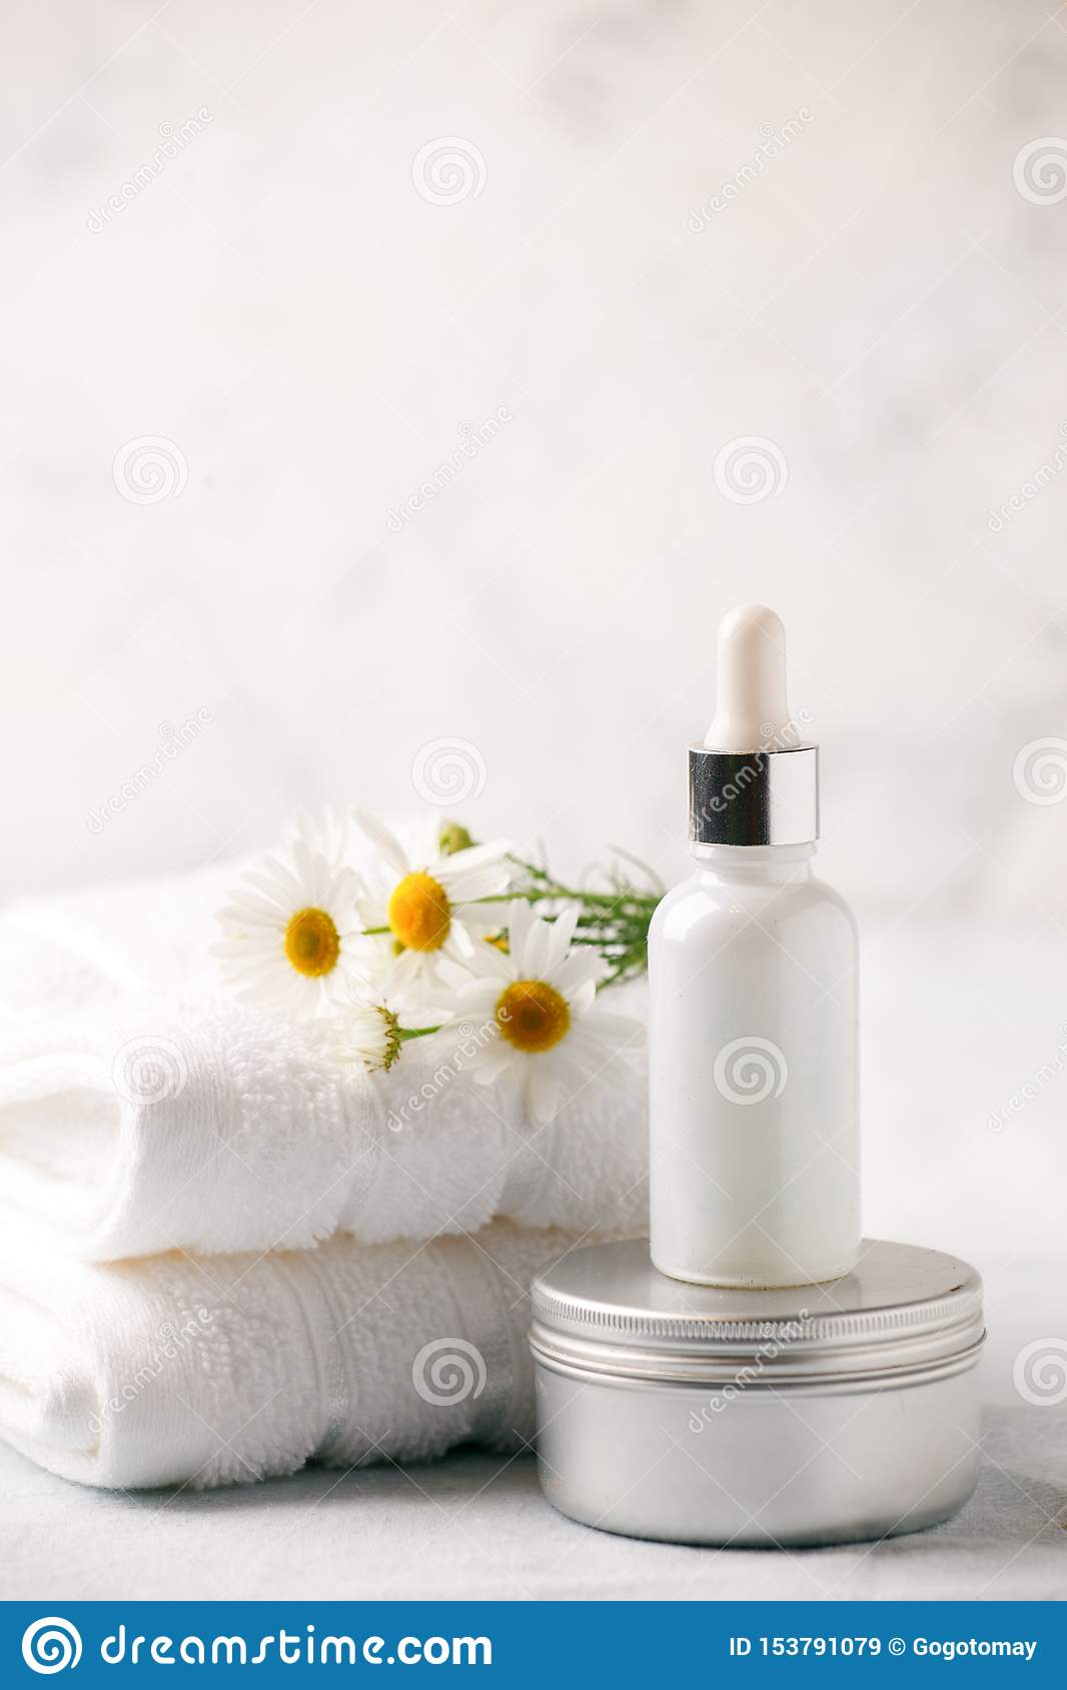 Спа и установка здоровья Состав с цветками стоцвета и косметической бутылкой сыворотки и сливк эфирного масла в нул отходах